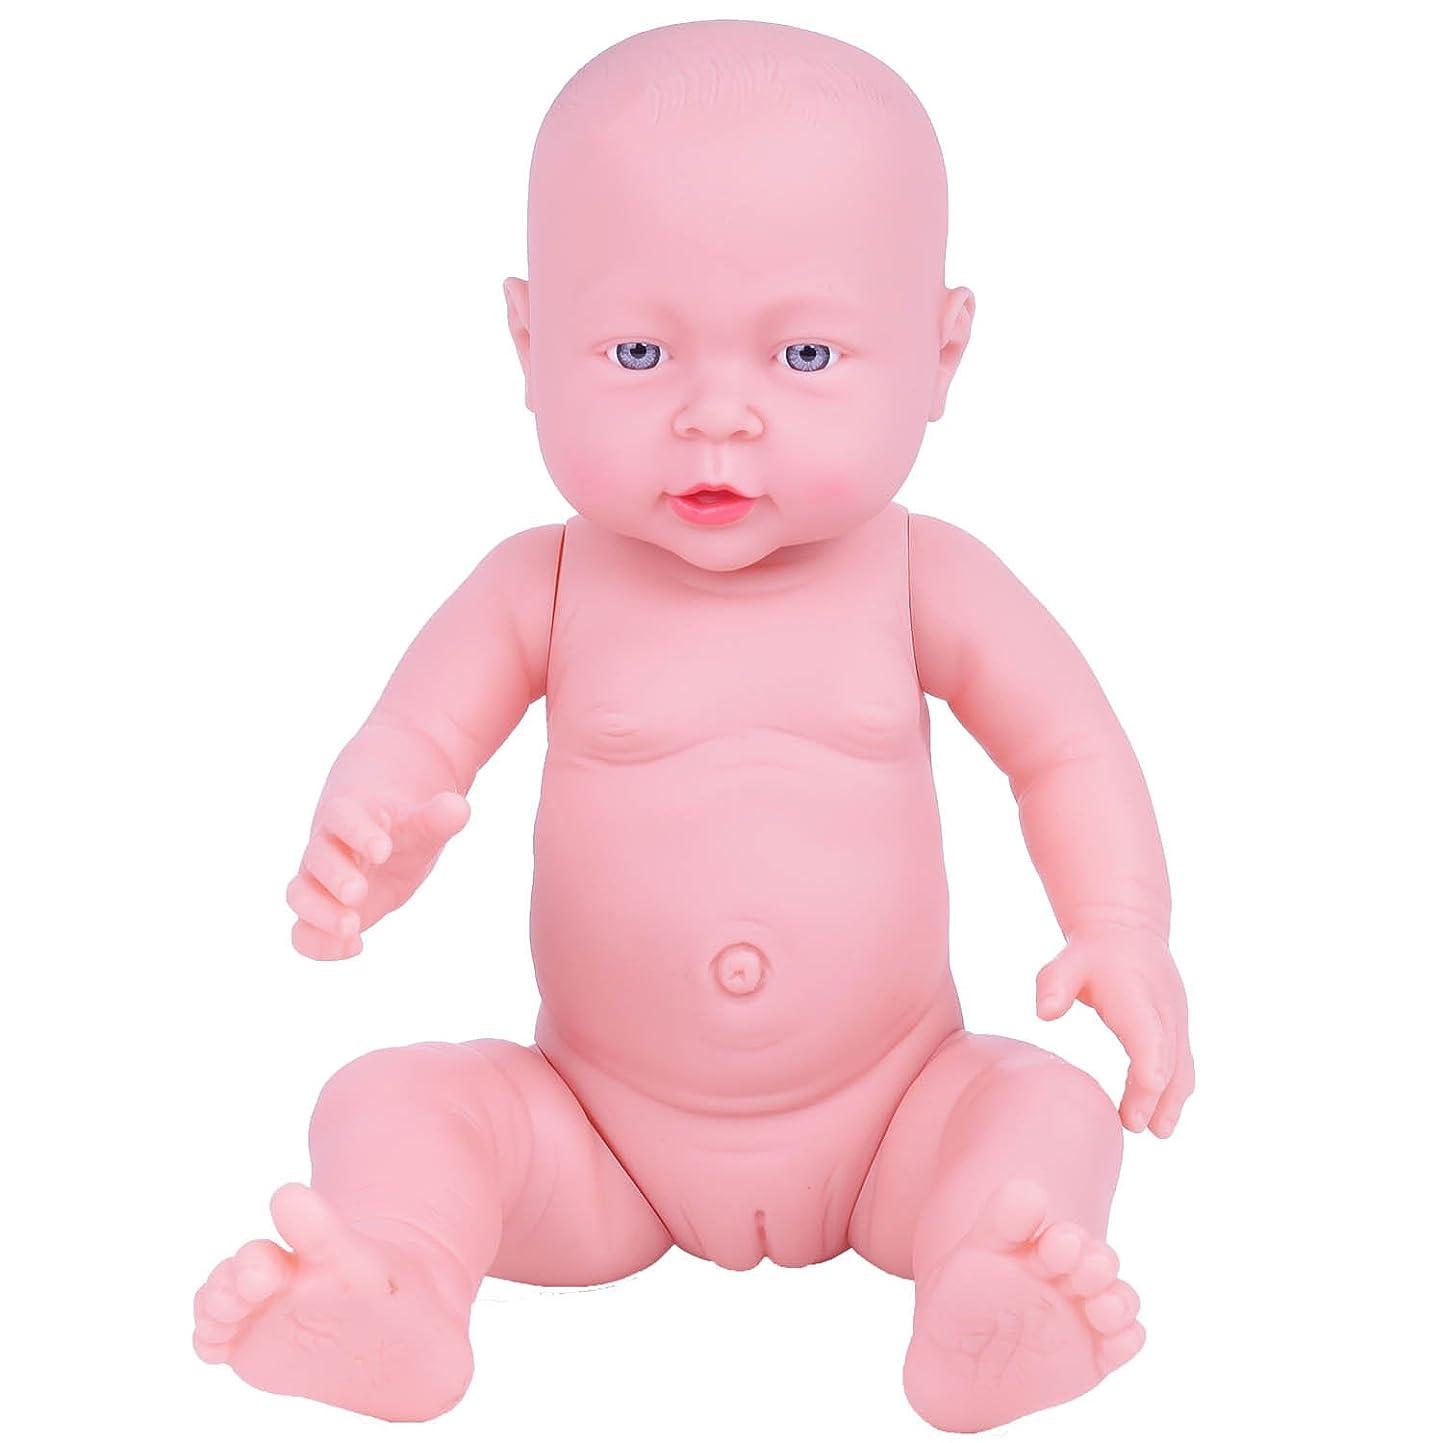 滝シャンプー無関心ベビー ケア トレーニング モデル 新生児 赤ちゃん 人形 41CM マネキン 模型 モデル 沐浴 の 練習 などに リアル な 医学 救急 育児 講座 授業 体験 産科 看護 助産 妊婦 乳児 教育